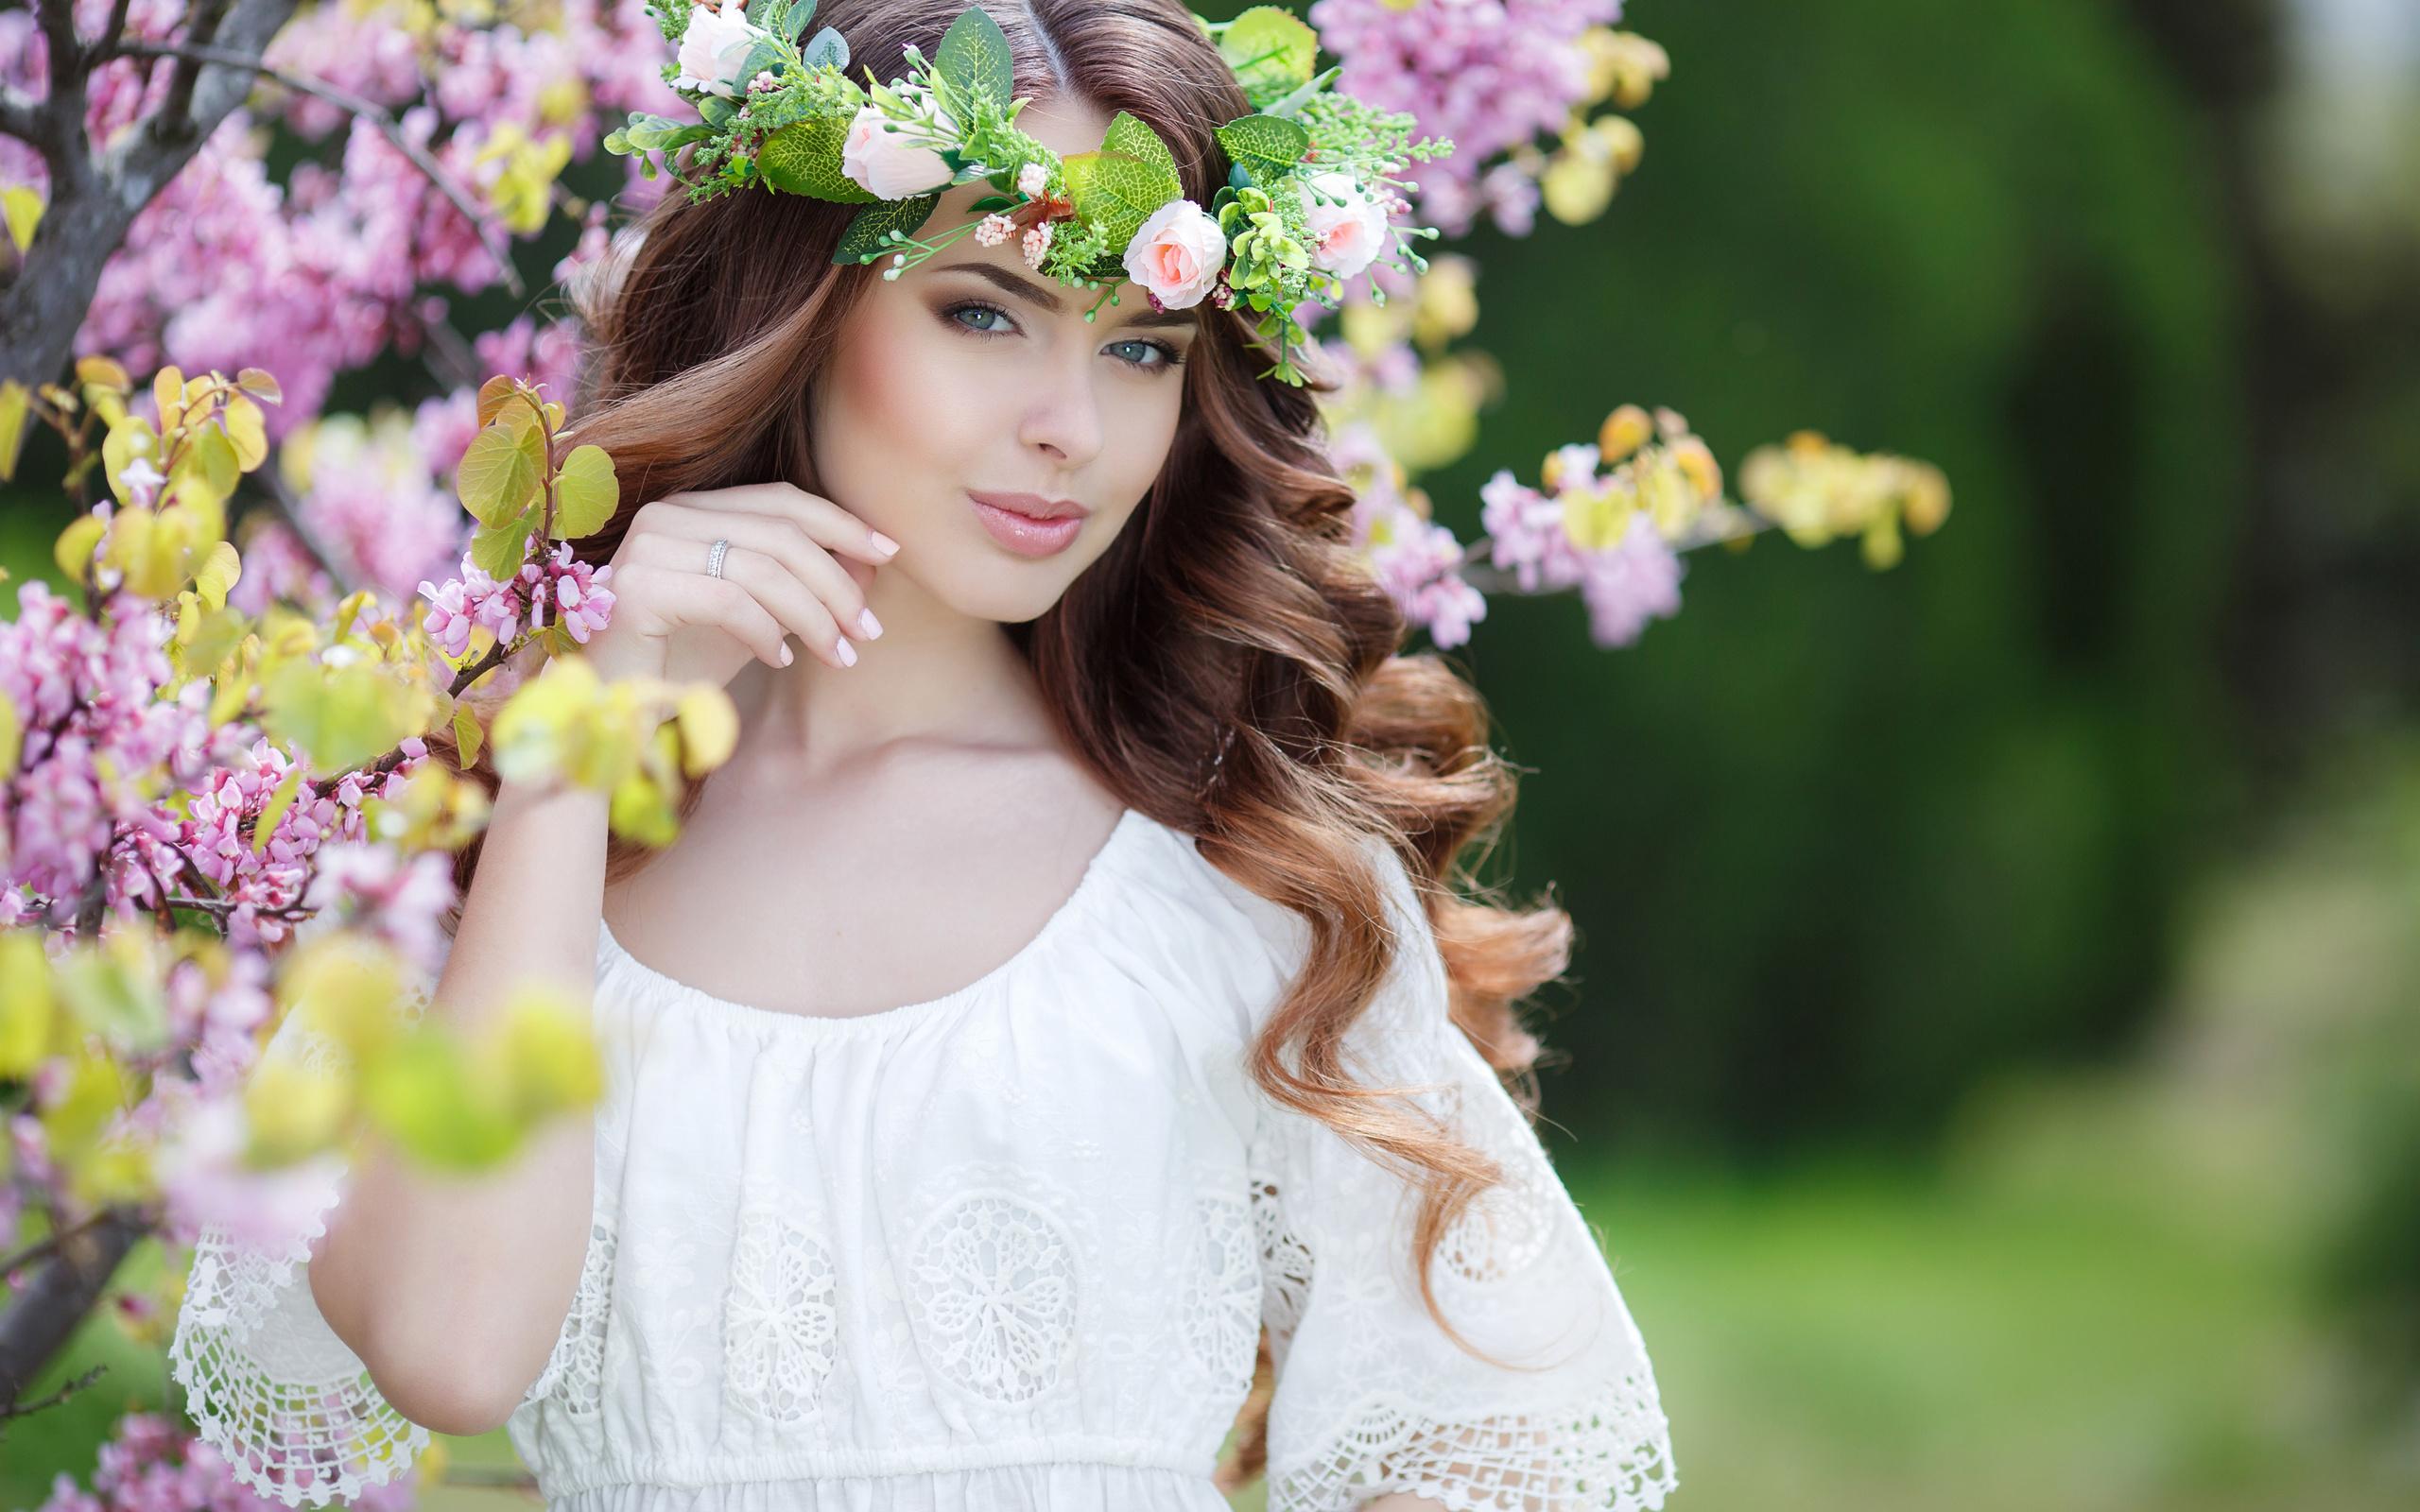 девушка, шатенка, локоны, платье, венок, цветы, природа, весна, куст, цветение